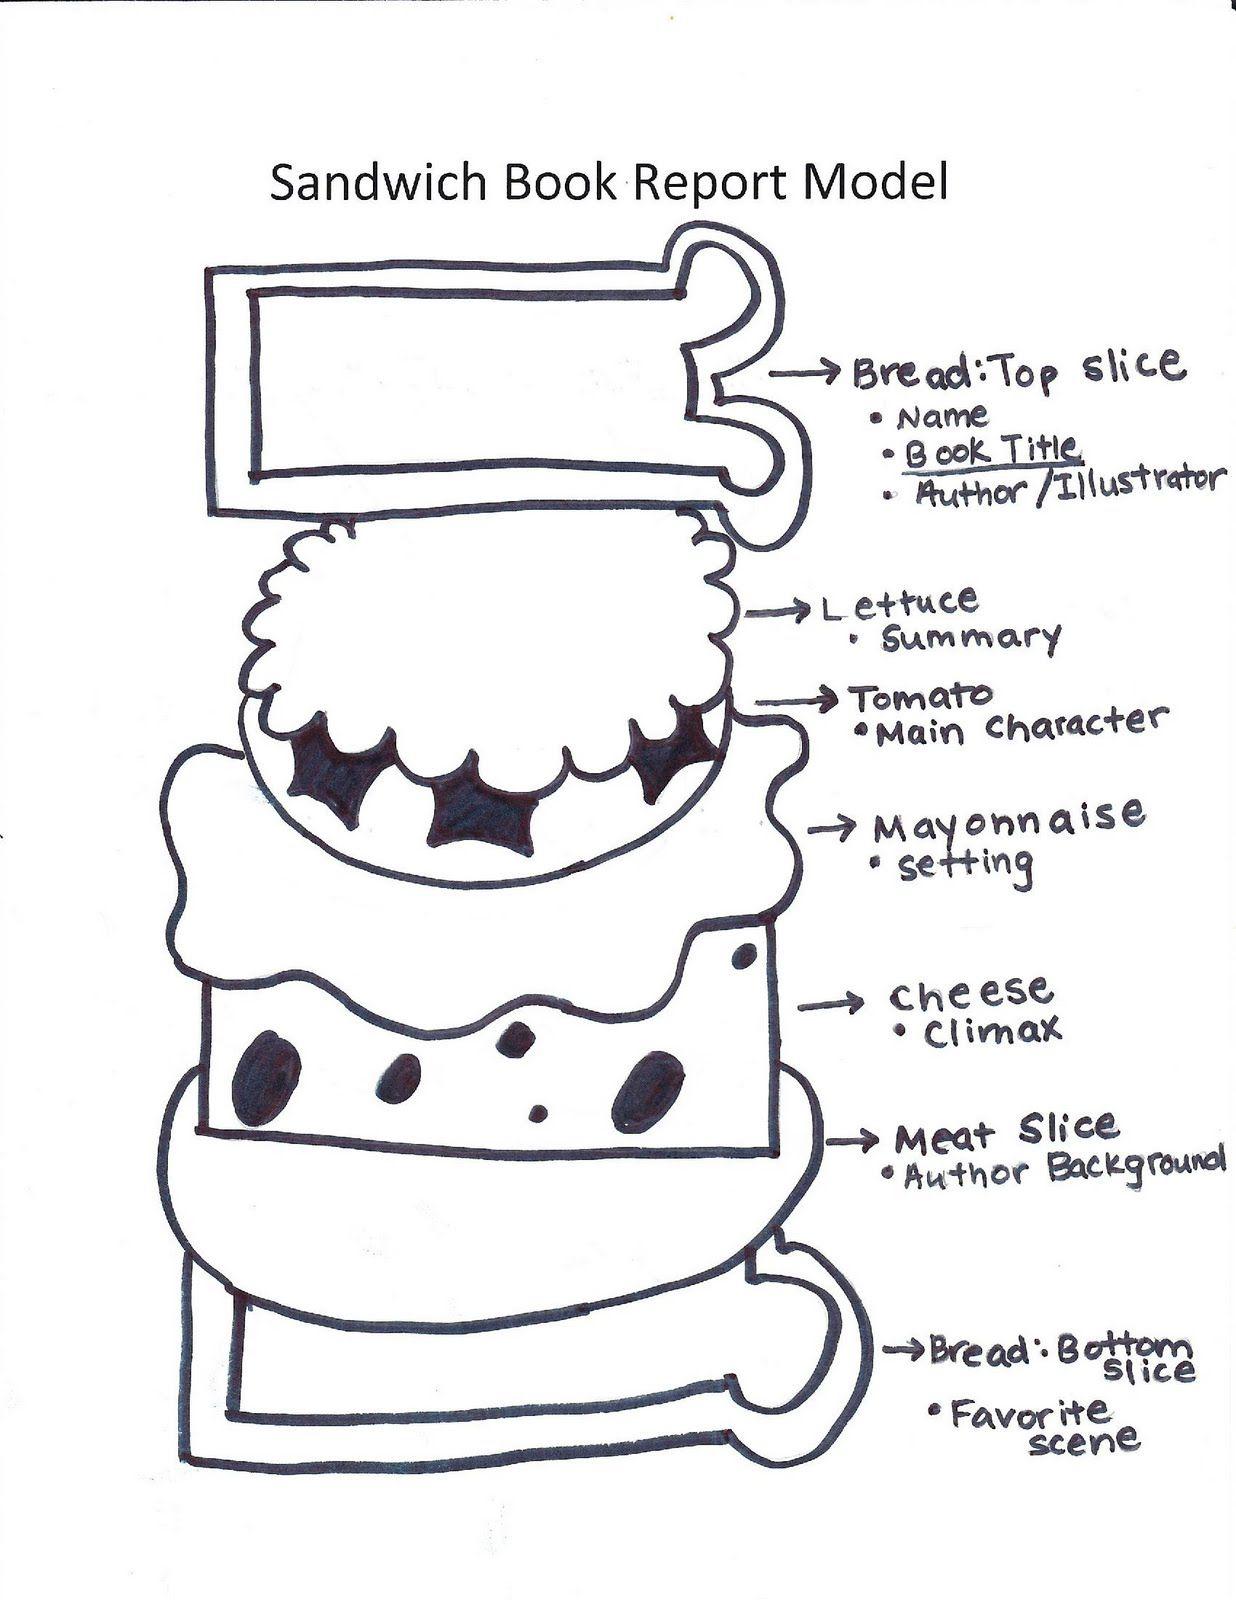 Katie S Klassroom Sandwich Book Report